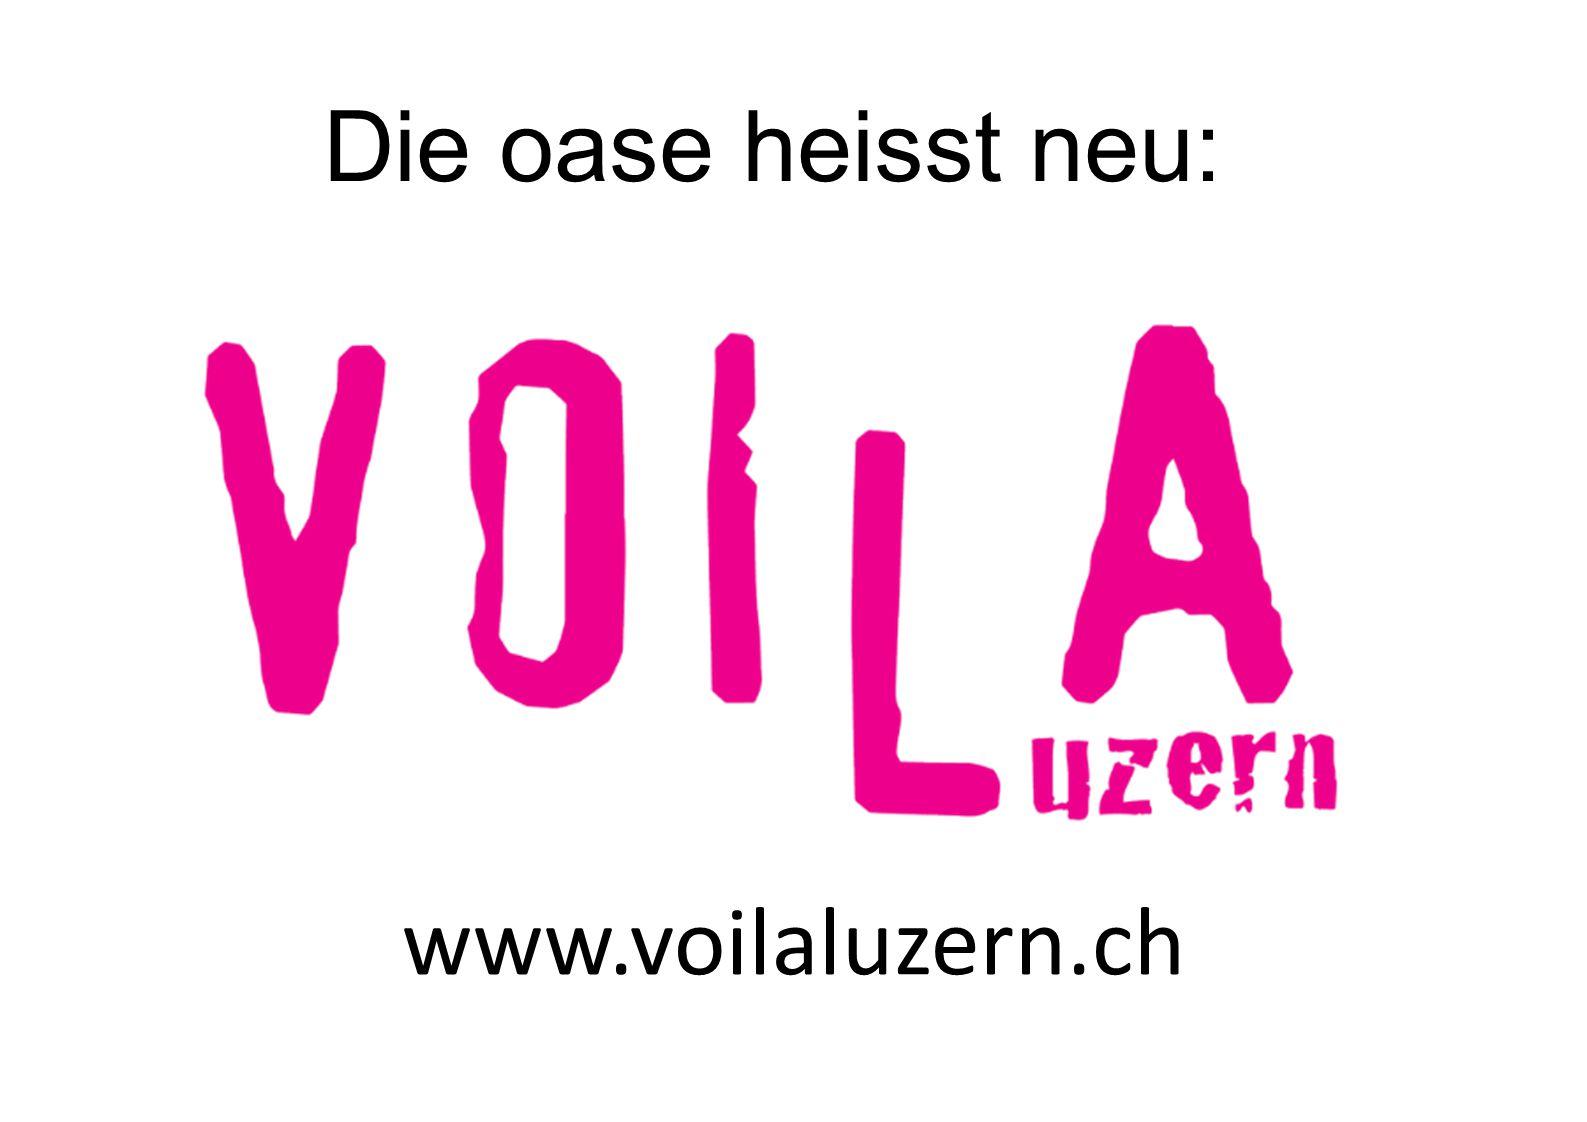 Vorstellung Voilà Luzern www.voilaluzern.ch Ziele / Inhalt der Vorstel- lung von Voilà (15 min.) So funktioniert Voilà-Luzern Voilà-Luzern wirkt Die oase verändert sich Voilà Luzern statt oase neue Webseite inkl.